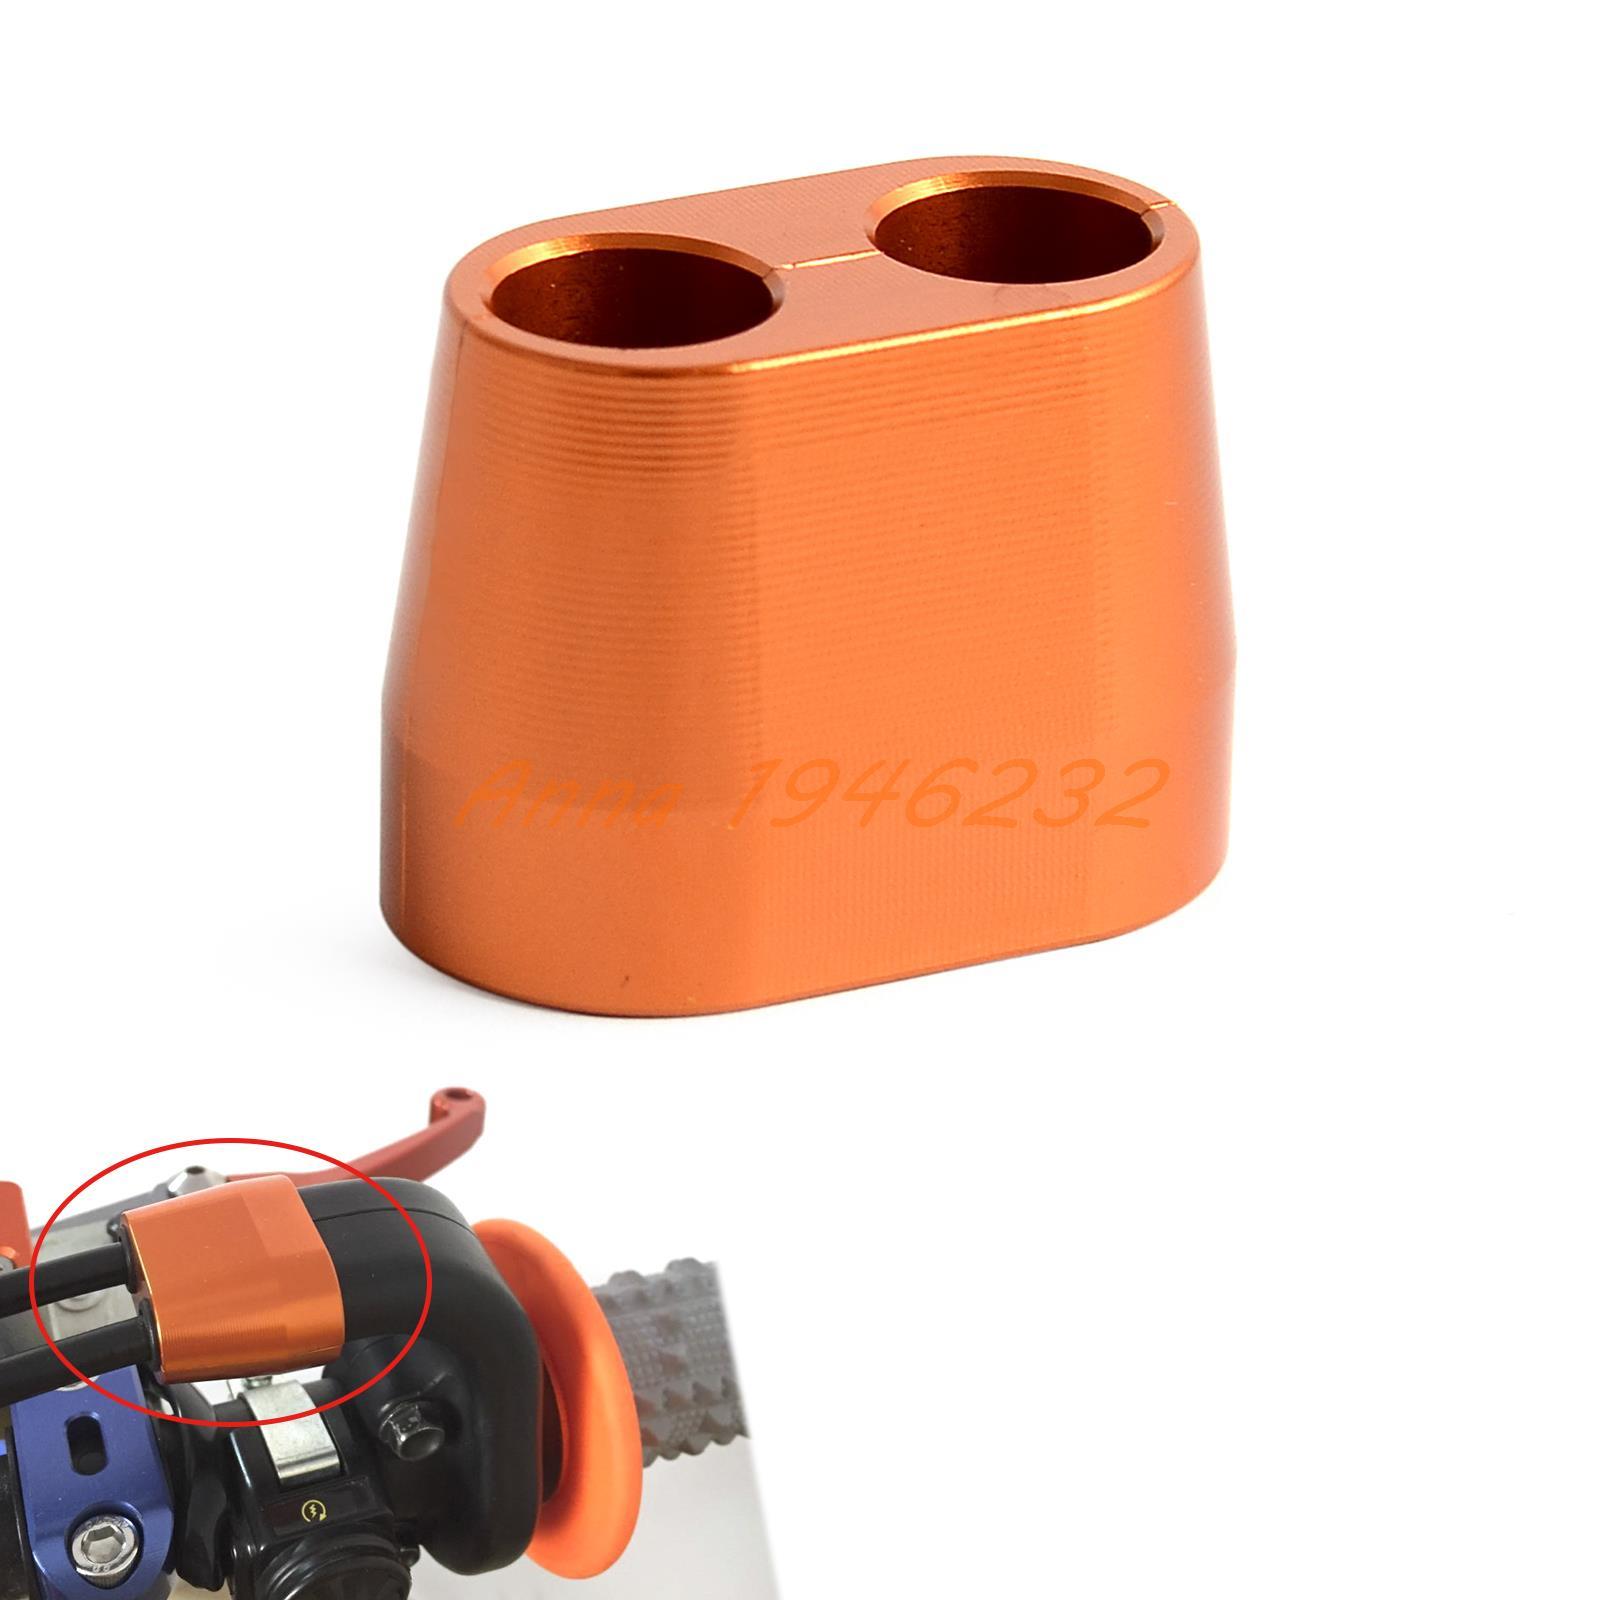 Câble d'accélérateur Protecteur Garde Couverture Pour KTM 390 Duke 250 350 400 450 500 520 525 625 660 XCF EXCF XCFW SXF EXC SX SMR